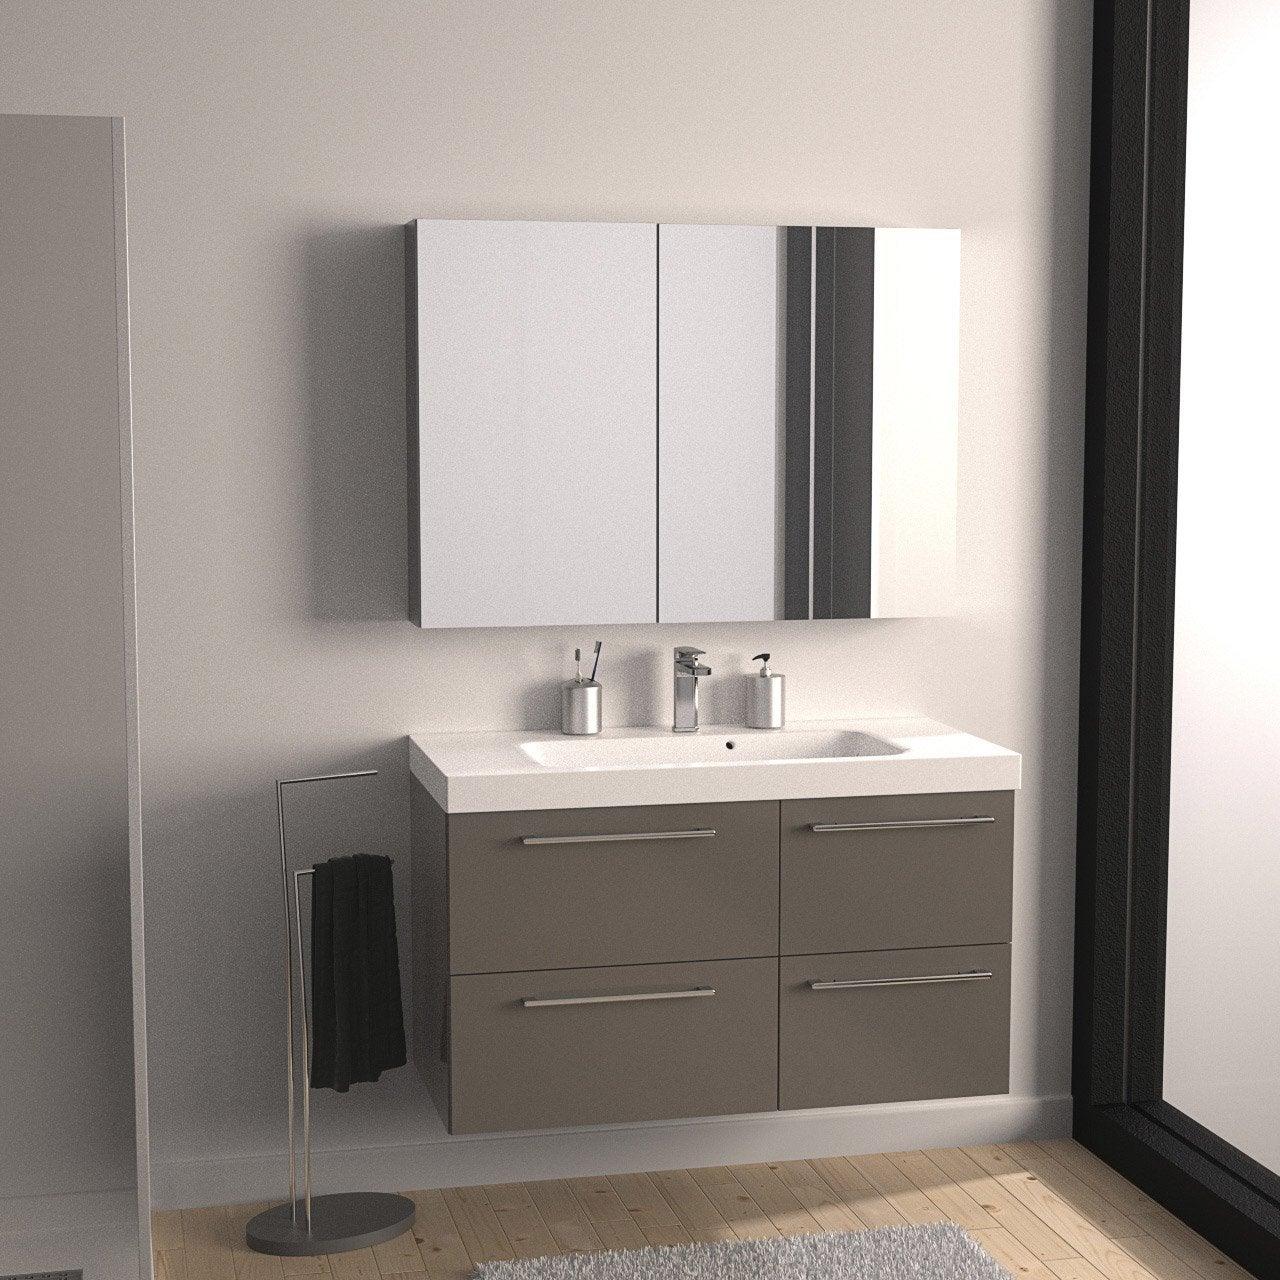 Meuble de salle de bains remix brun taupe n 3 106x48 5 cm for Meuble de salle de bain design leroy merlin